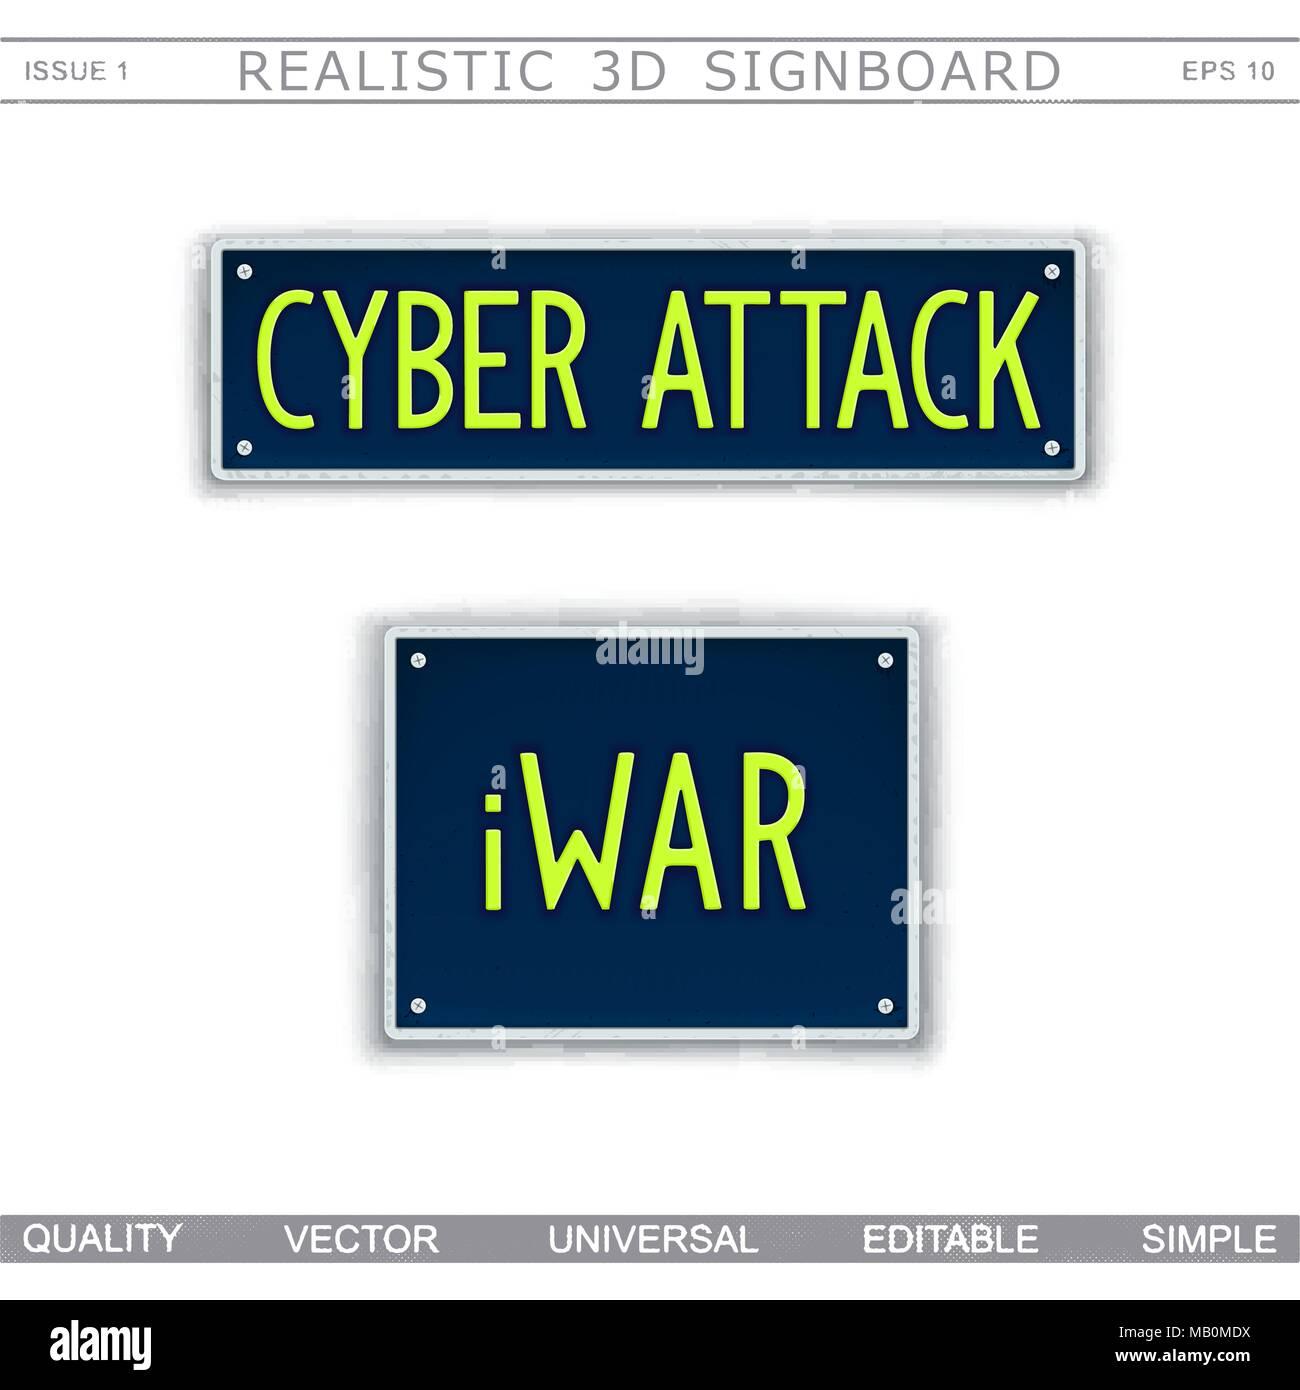 Cartel de Diseño Conceptual. Ataque cibernético. iWar. Matrícula de coche estilizados. Los elementos vectoriales Imagen De Stock